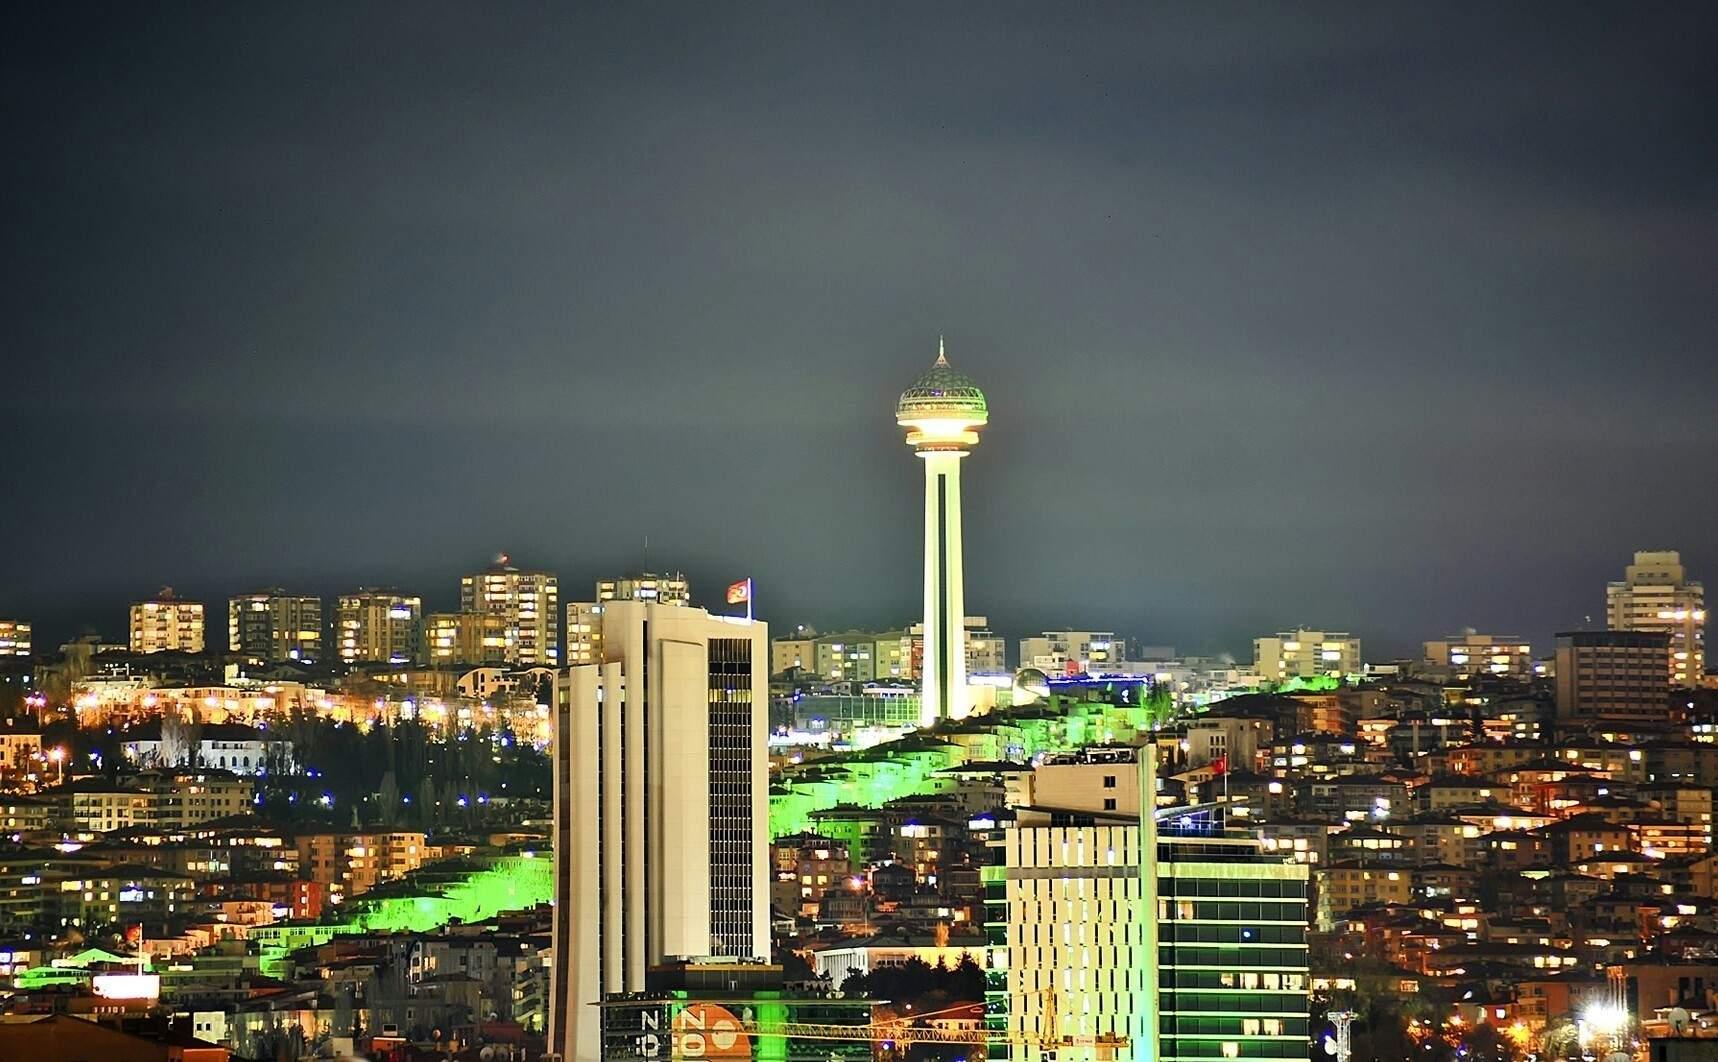 Ankarada Gezilecek En Güzel Yerler